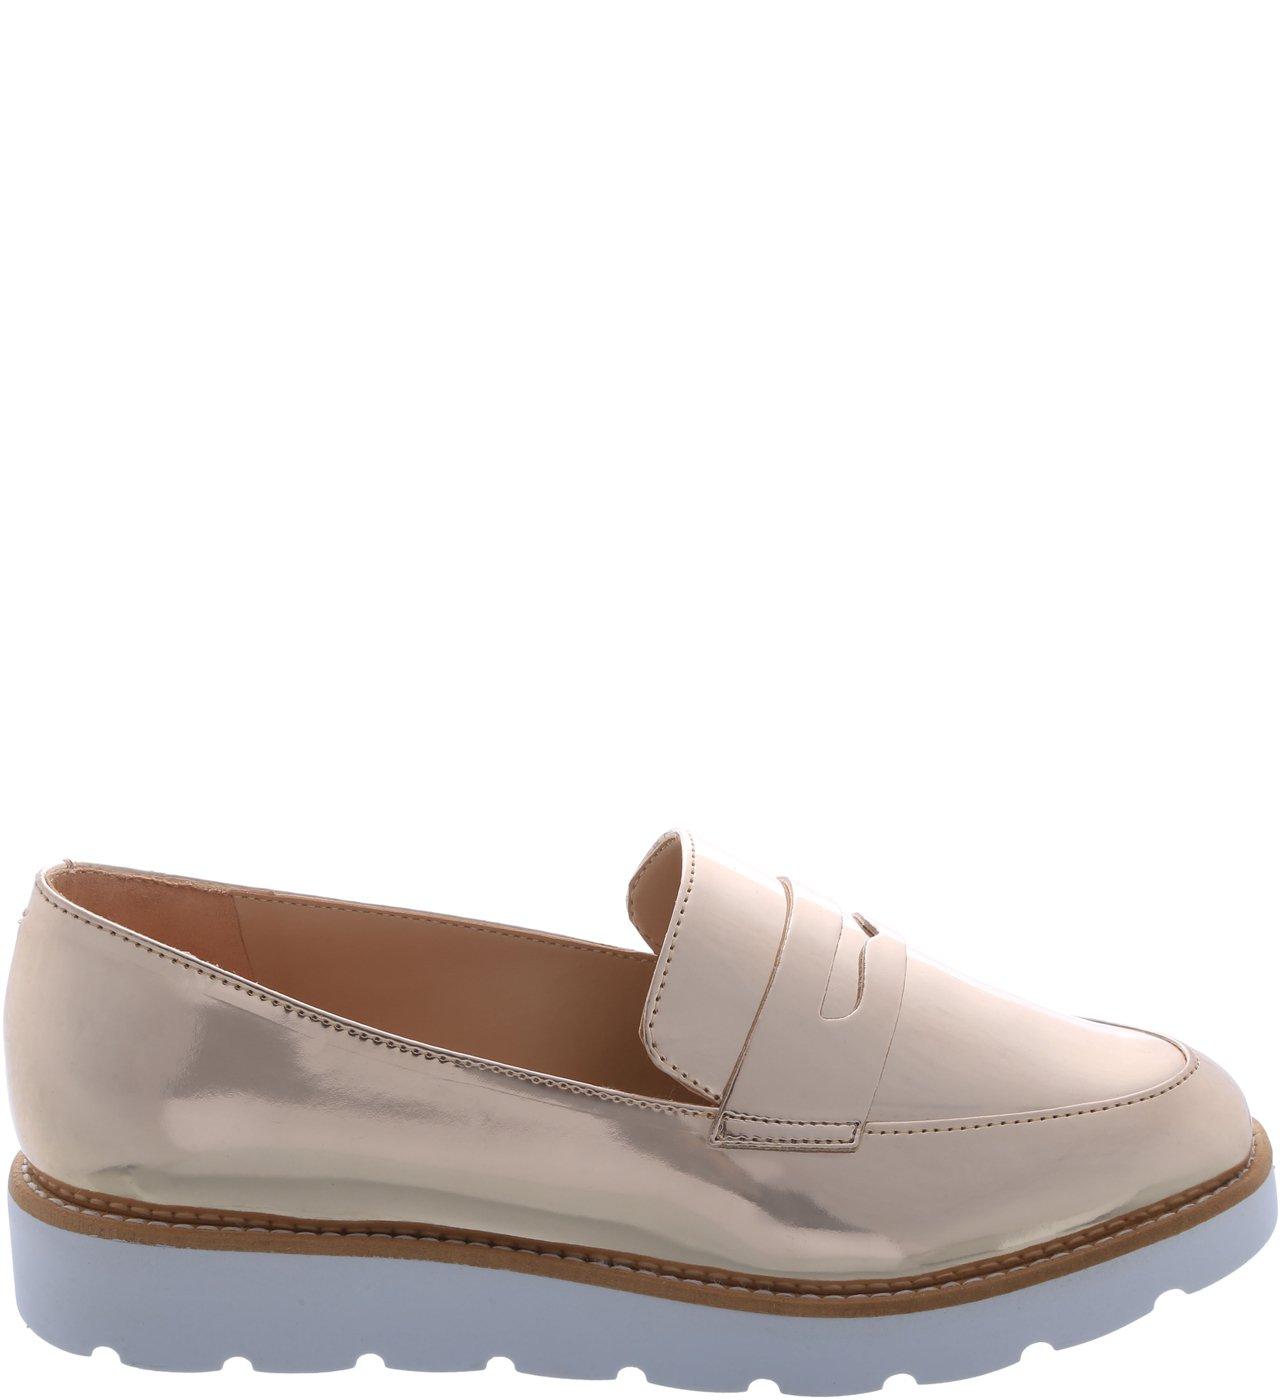 7928c9f17 Sapato Oxford - Confira modelos de Oxford feminino